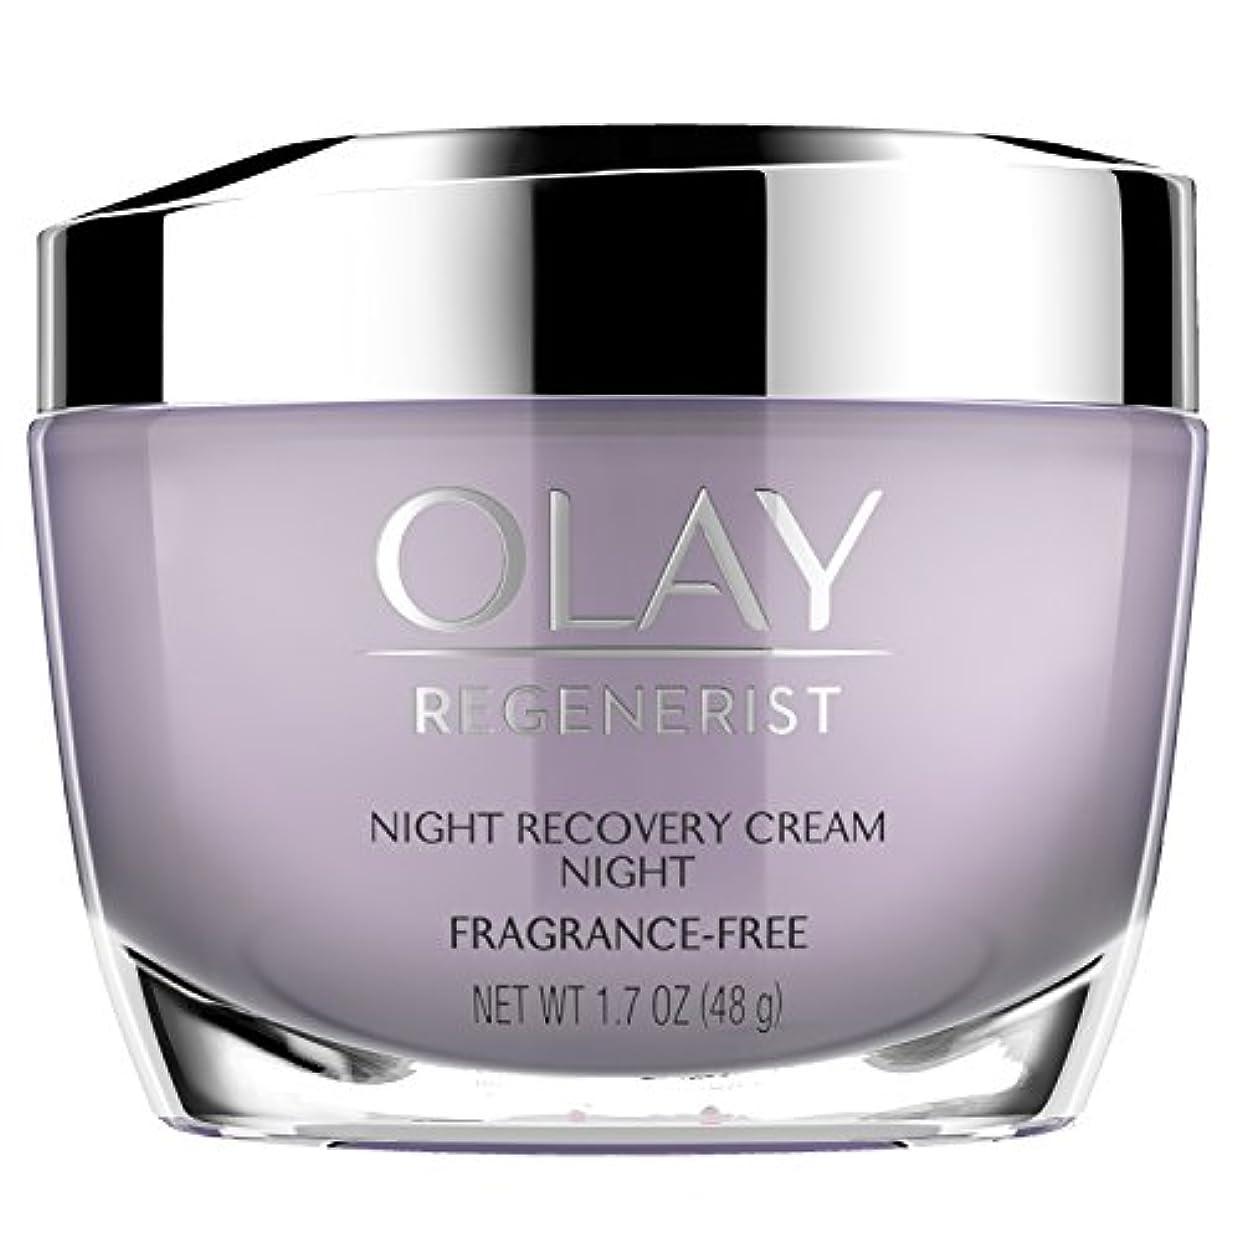 形容詞時粘液Olay Regenerist Night Recovery Night Cream Face Moisturizer 1.7 oz